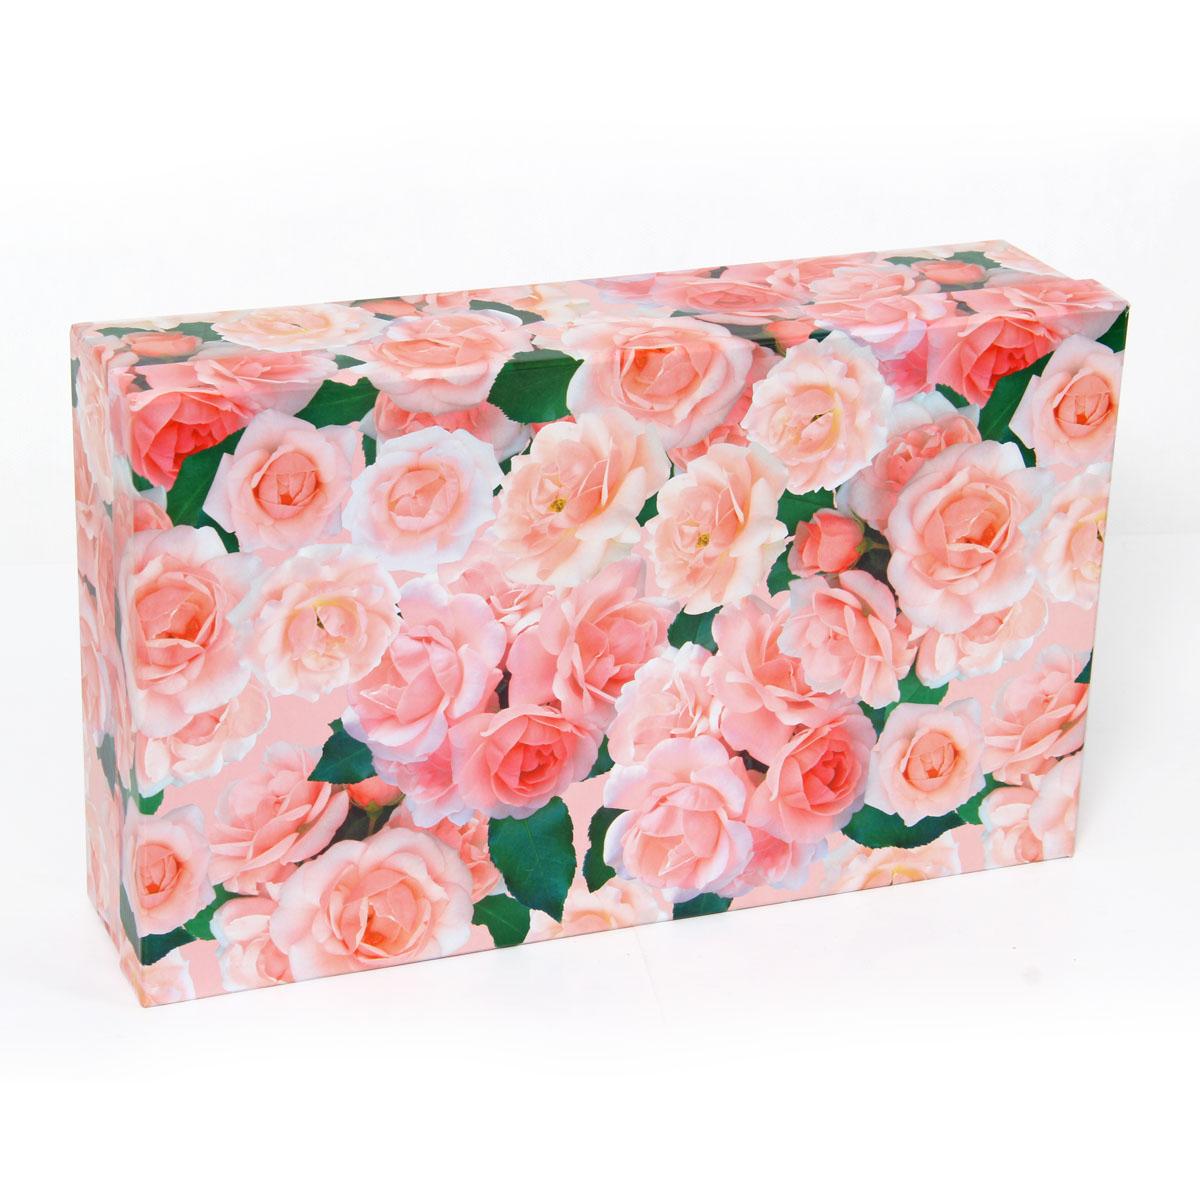 Набор подарочных коробок Veld-Co Нежные розы, прямоугольные, 5 шт51369Подарочные коробки Veld-Co - это наилучшее решение, если выхотите порадовать ваших близких и создать праздничное настроение, ведь подарок, преподнесенный в оригинальной упаковке, всегда будет самым эффектным и запоминающимся. Окружите близких людей вниманием и заботой, вручив презент в нарядном, праздничном оформлении.